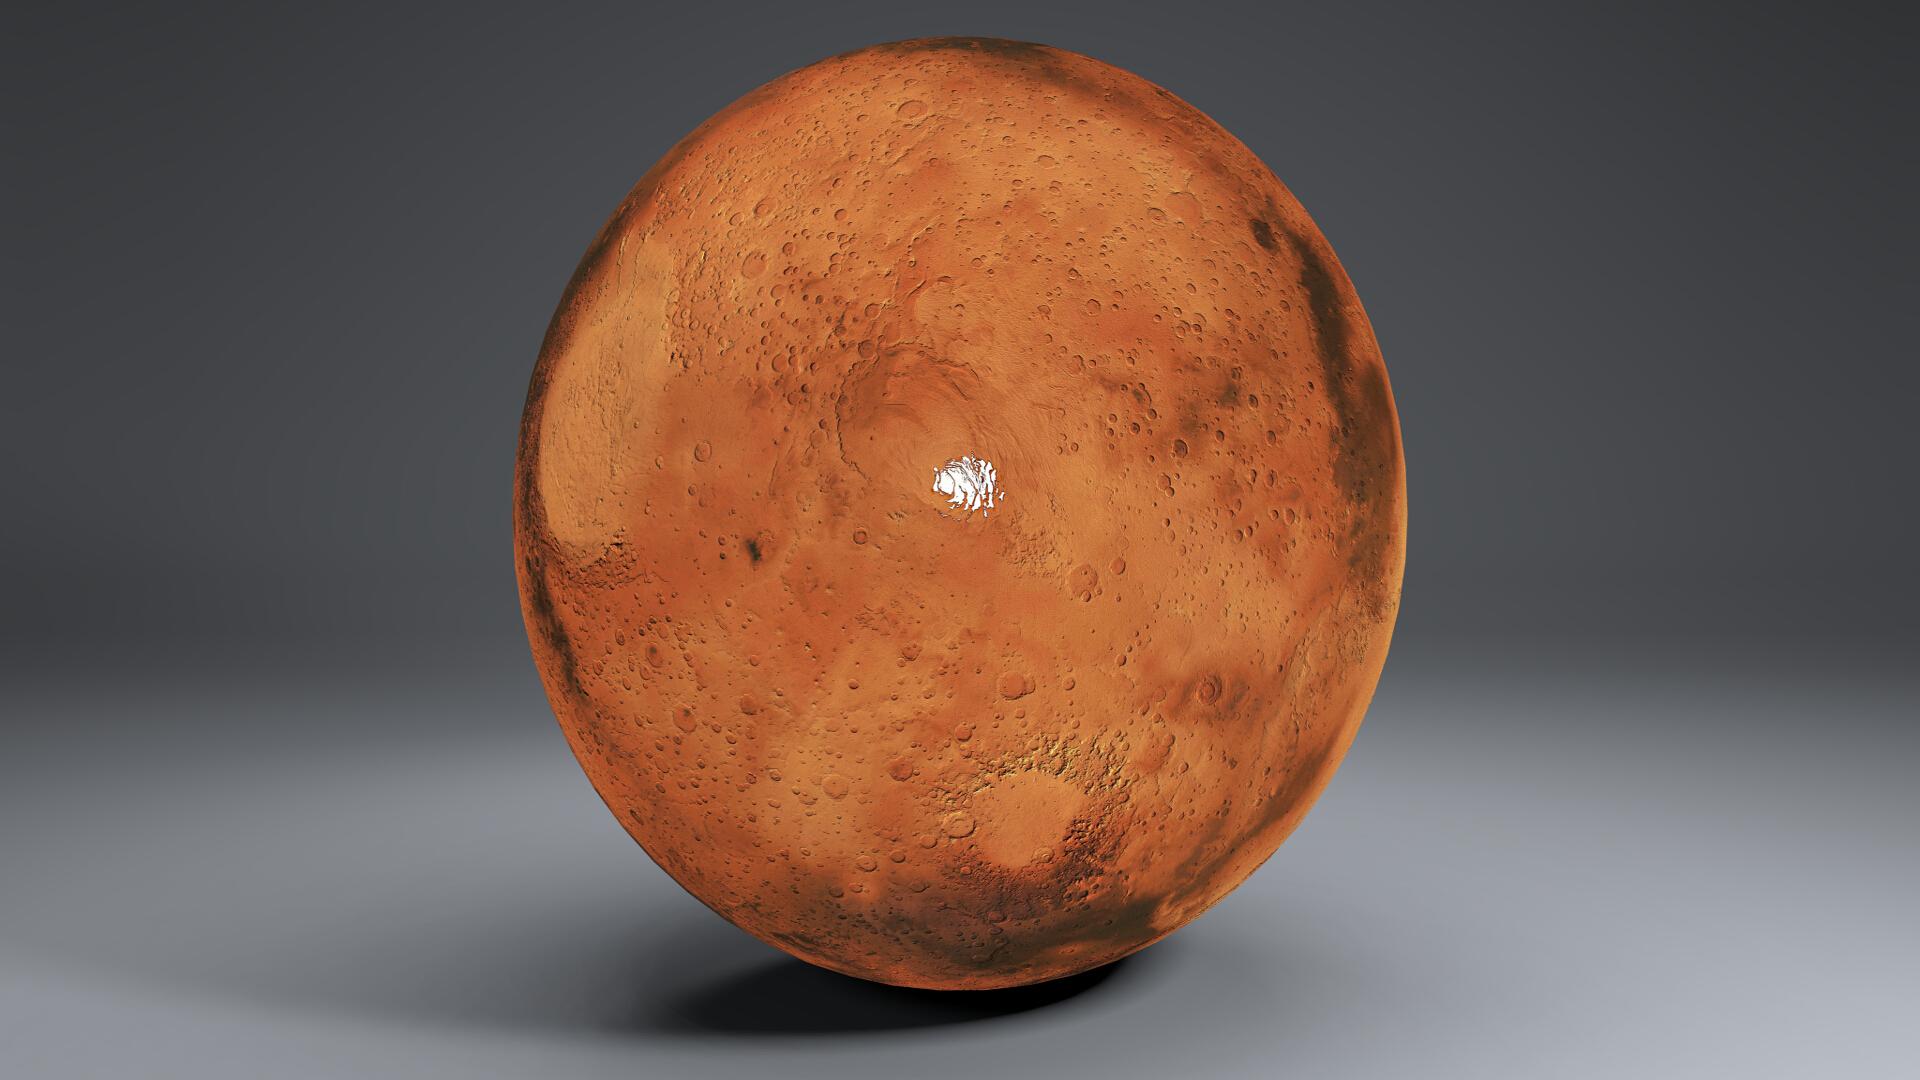 mars 8k globe 3d model 3ds fbx blend dae obj 223133